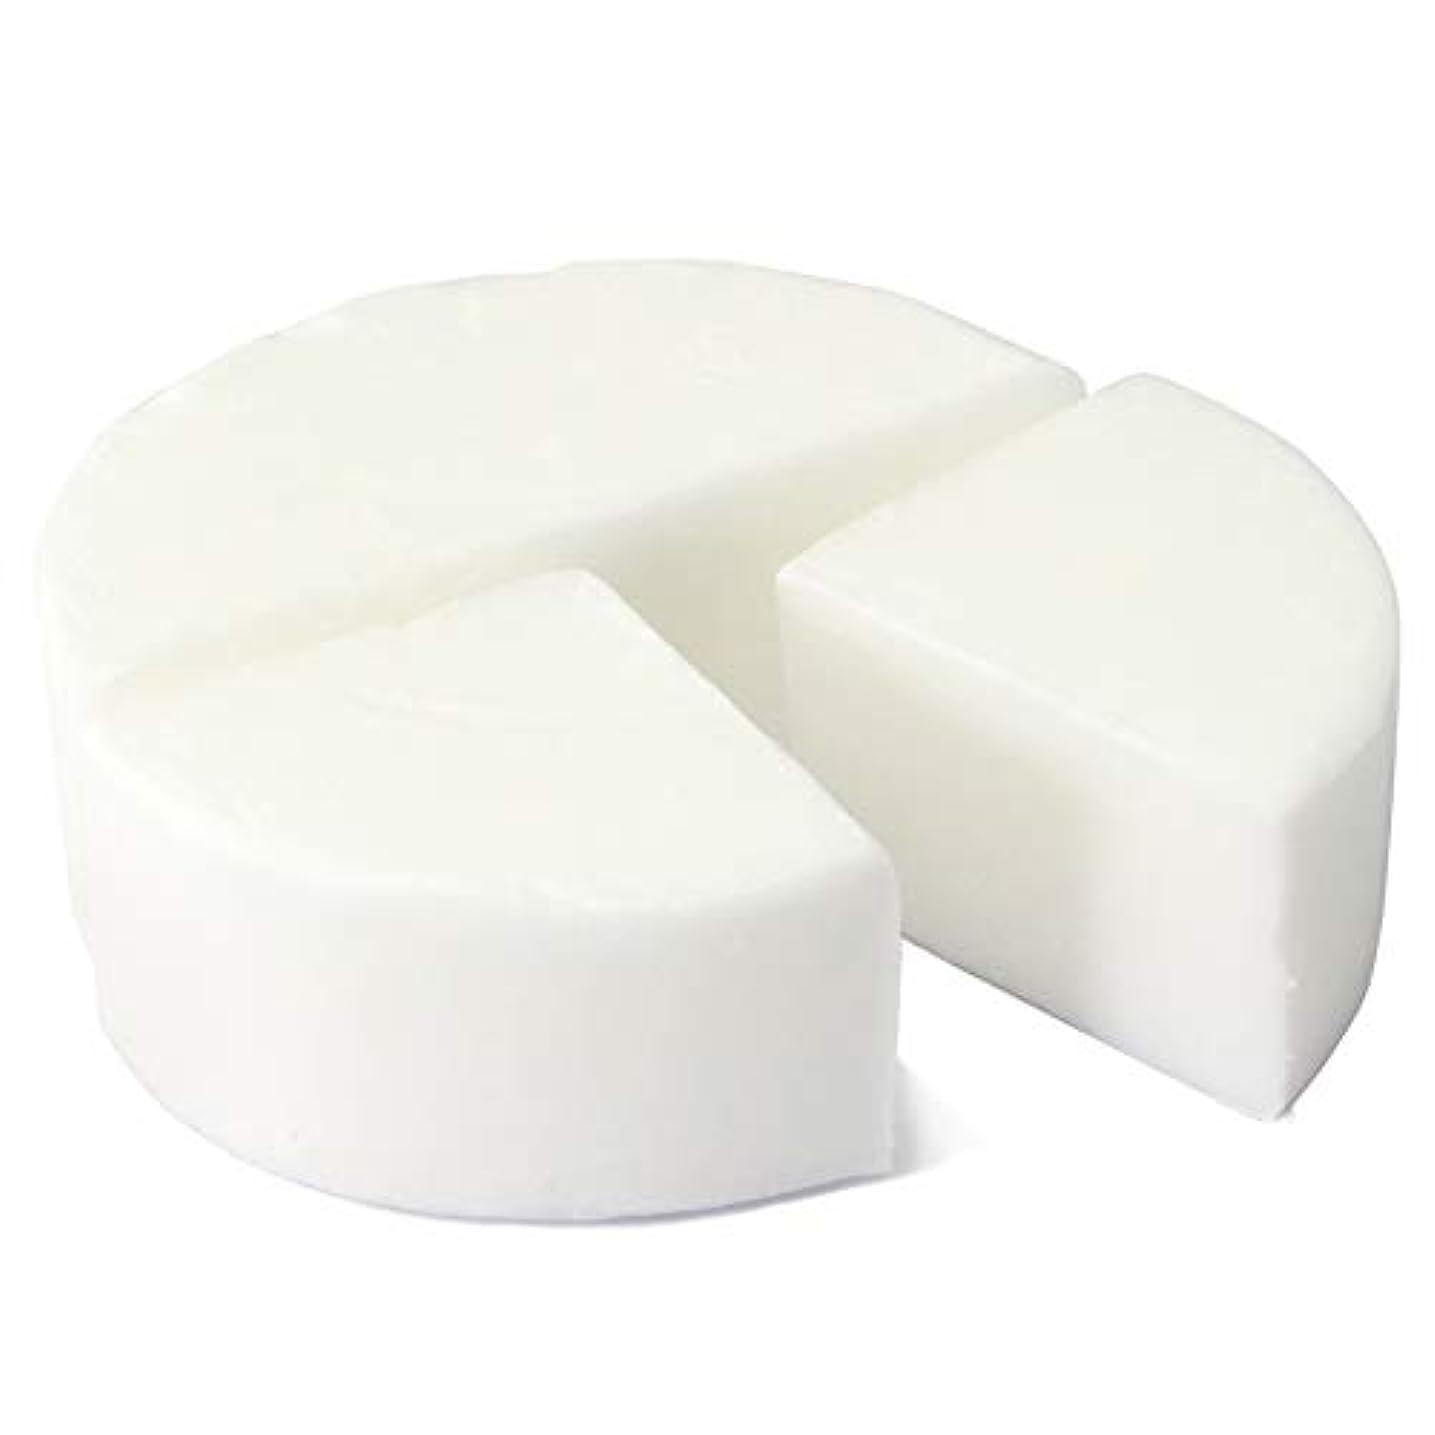 資格離れたギャラリーグリセリン クリアソープ 色チップ 白 100g (MPソープ)